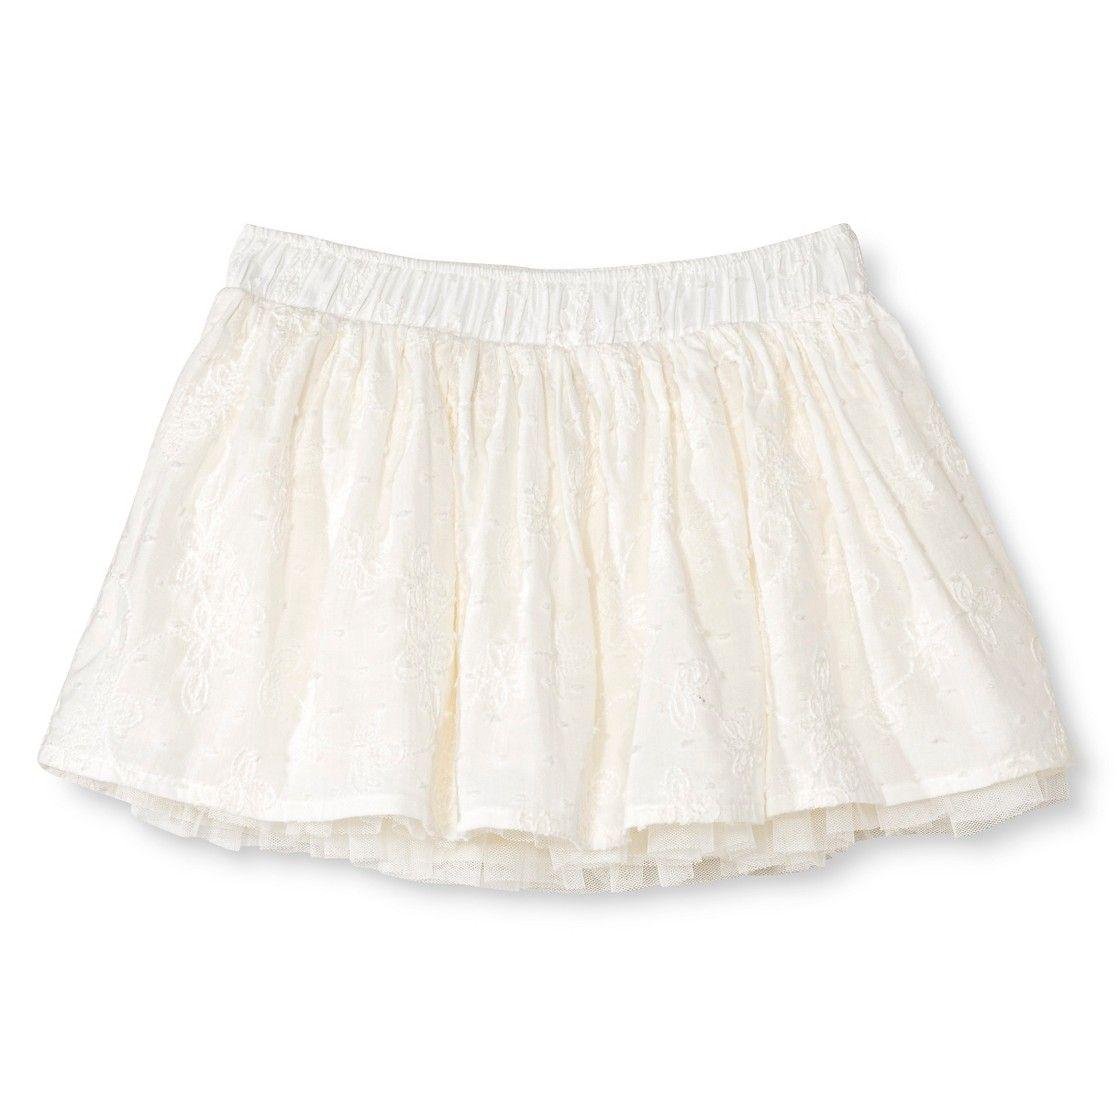 Toddler Girls' Eyelet Mini Skirt - Almond Cream